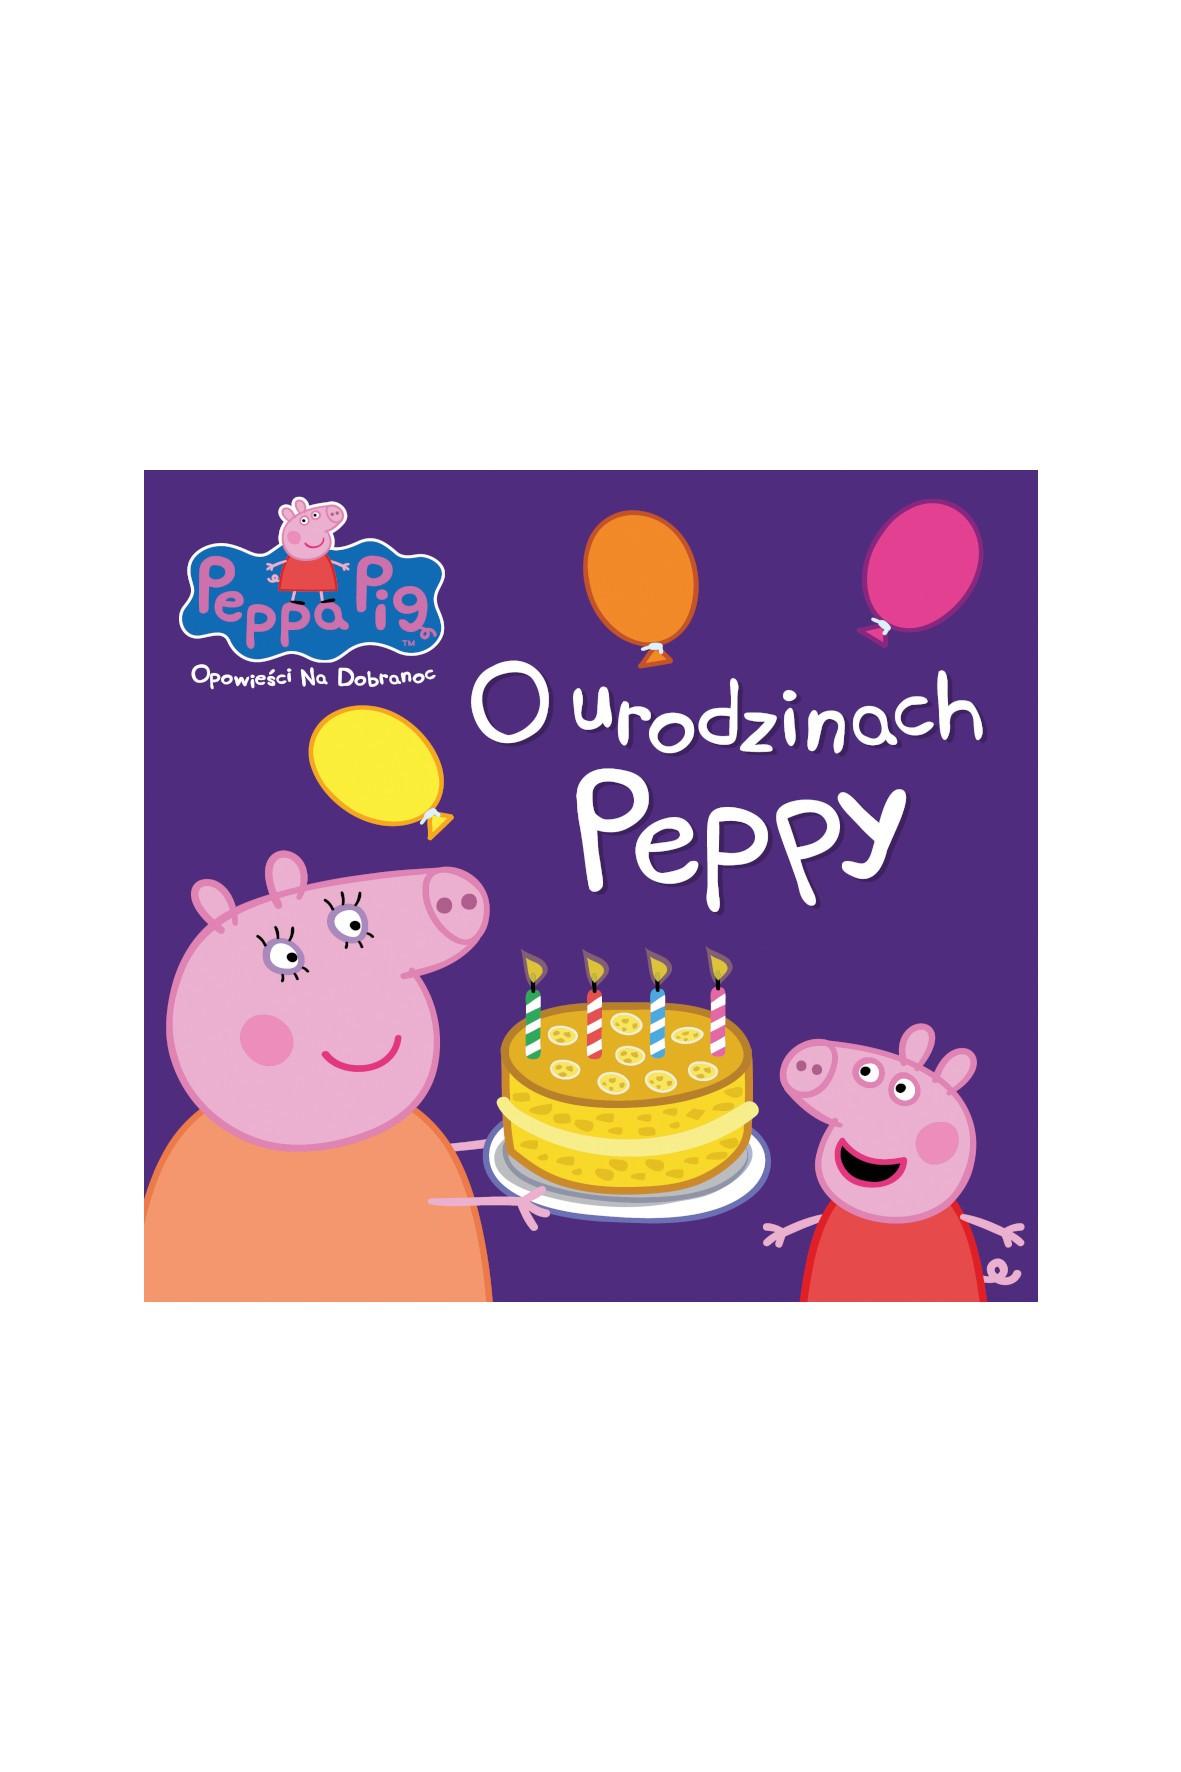 Książka dziecięca - O urodzinach Peppy,  Świnka Peppa opowieści na dobranoc